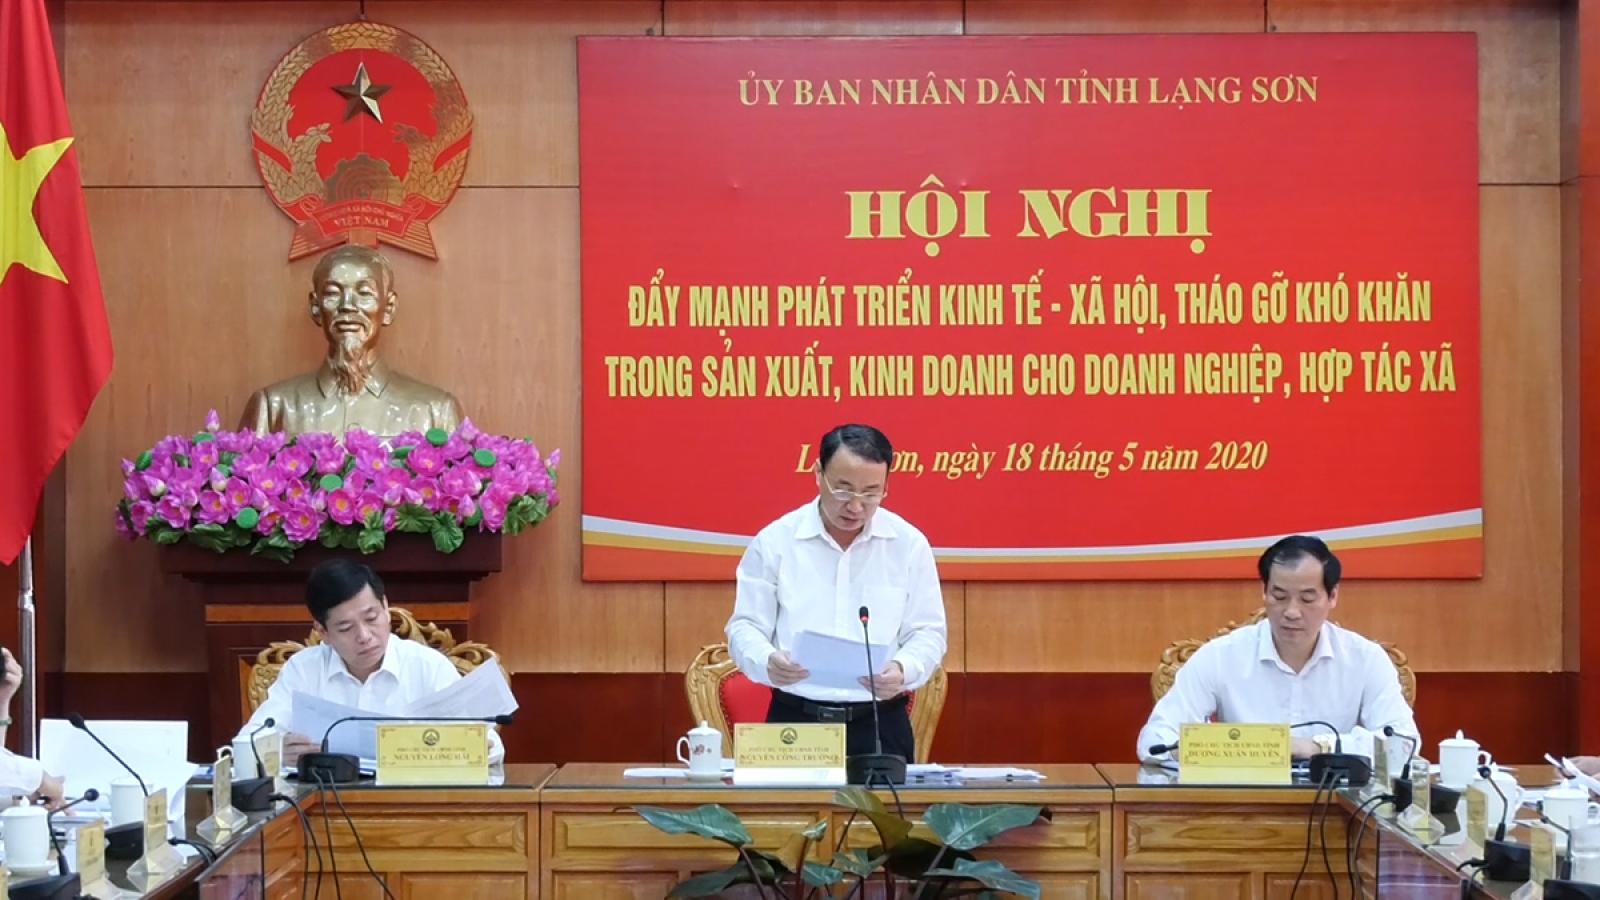 Lạng Sơn tháo gỡ khó khăn cho doanh nghiệp và hợp tác xã